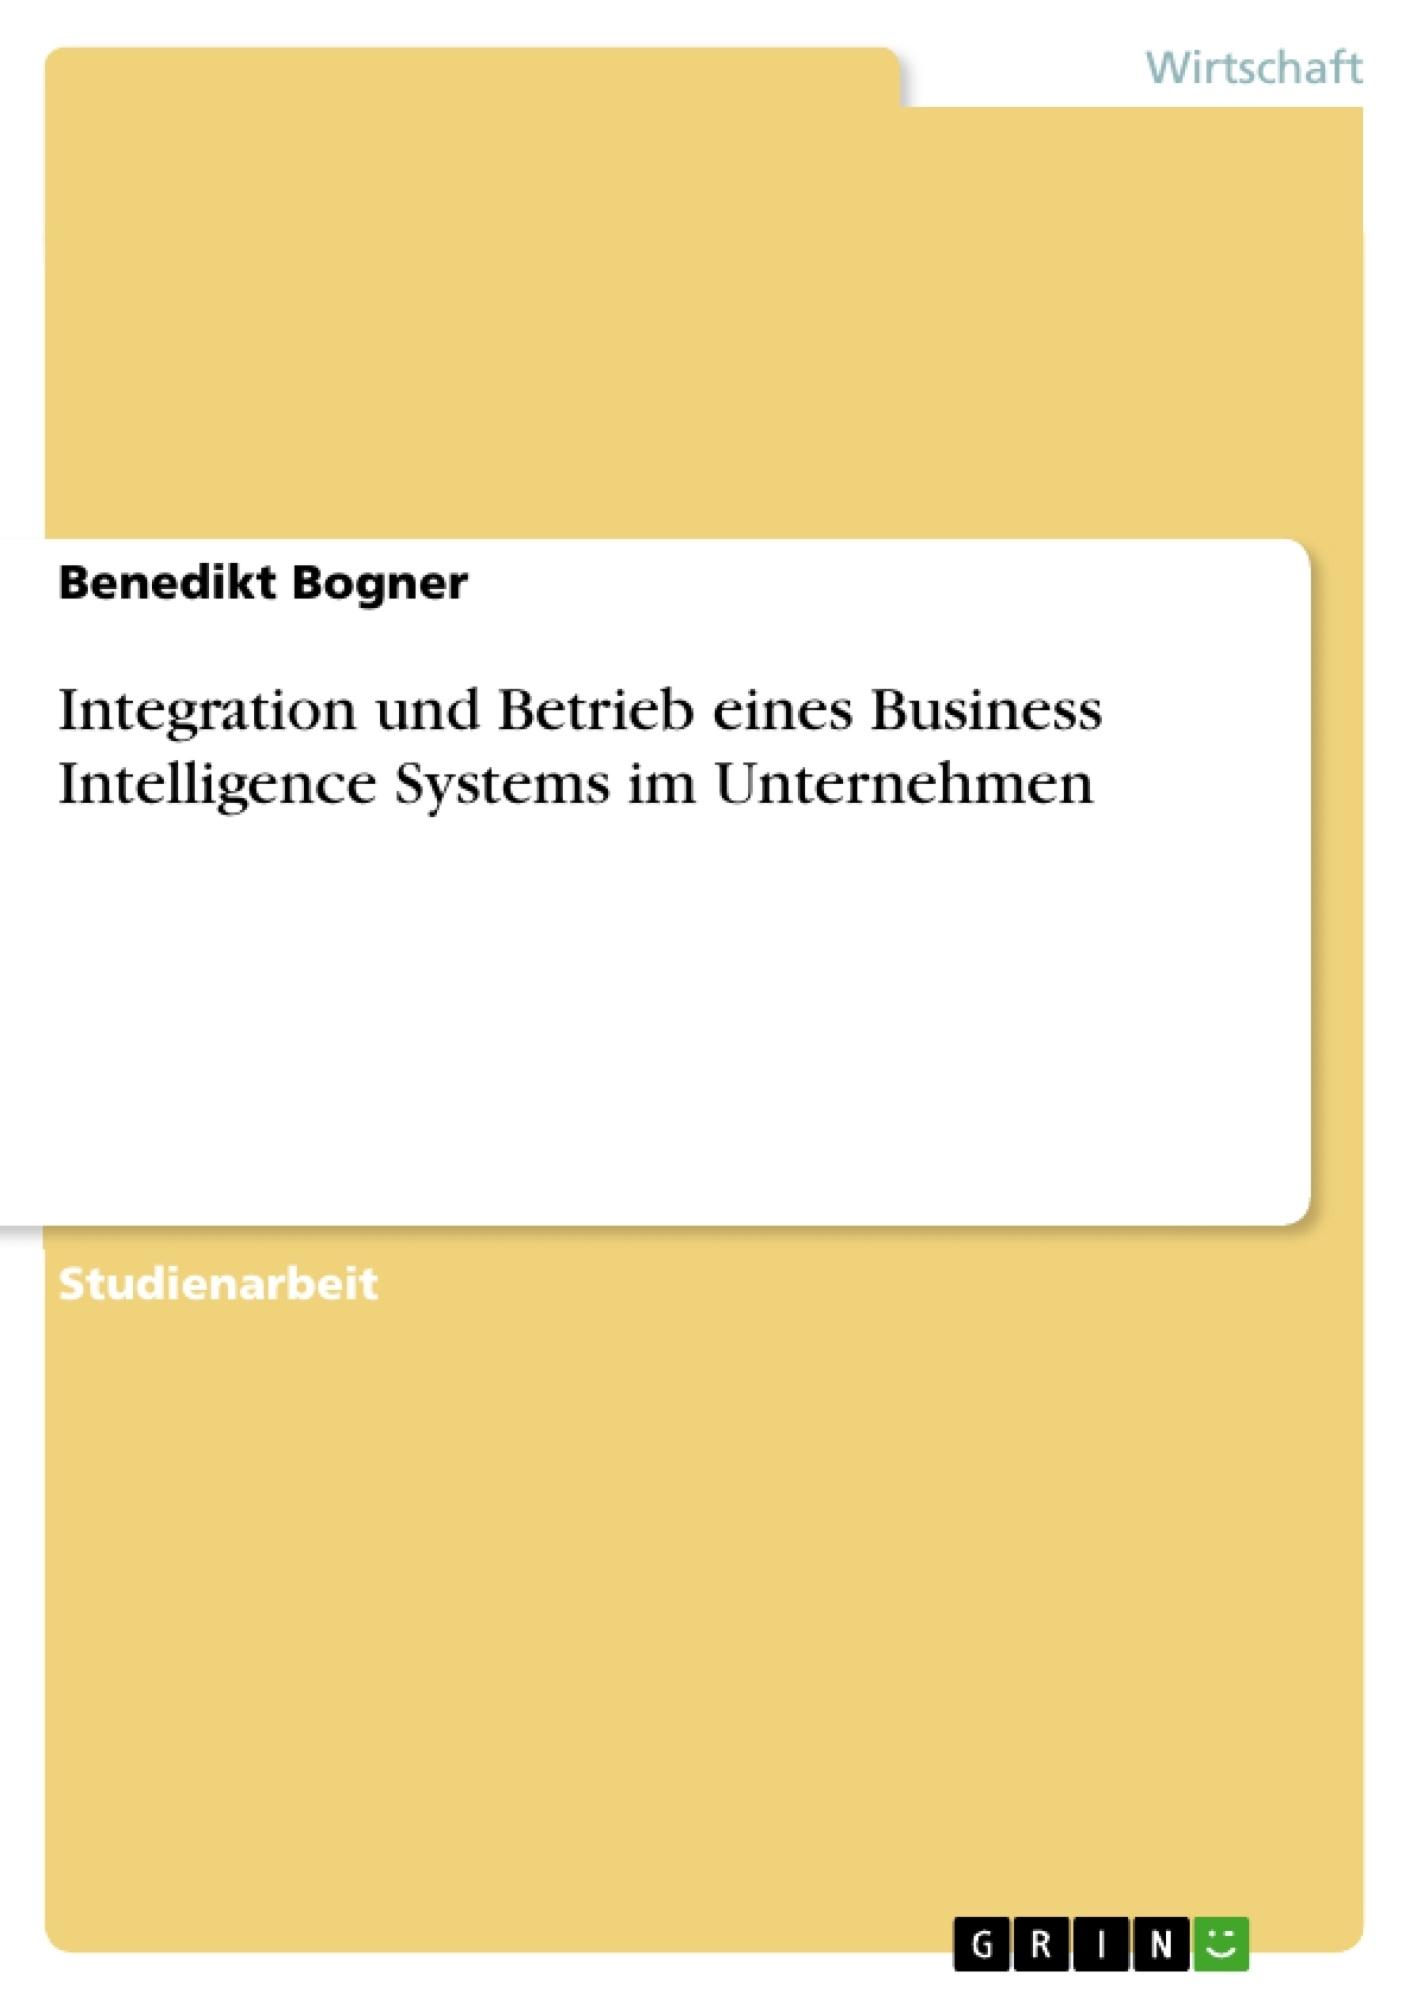 Titel: Integration und Betrieb eines Business Intelligence Systems im Unternehmen